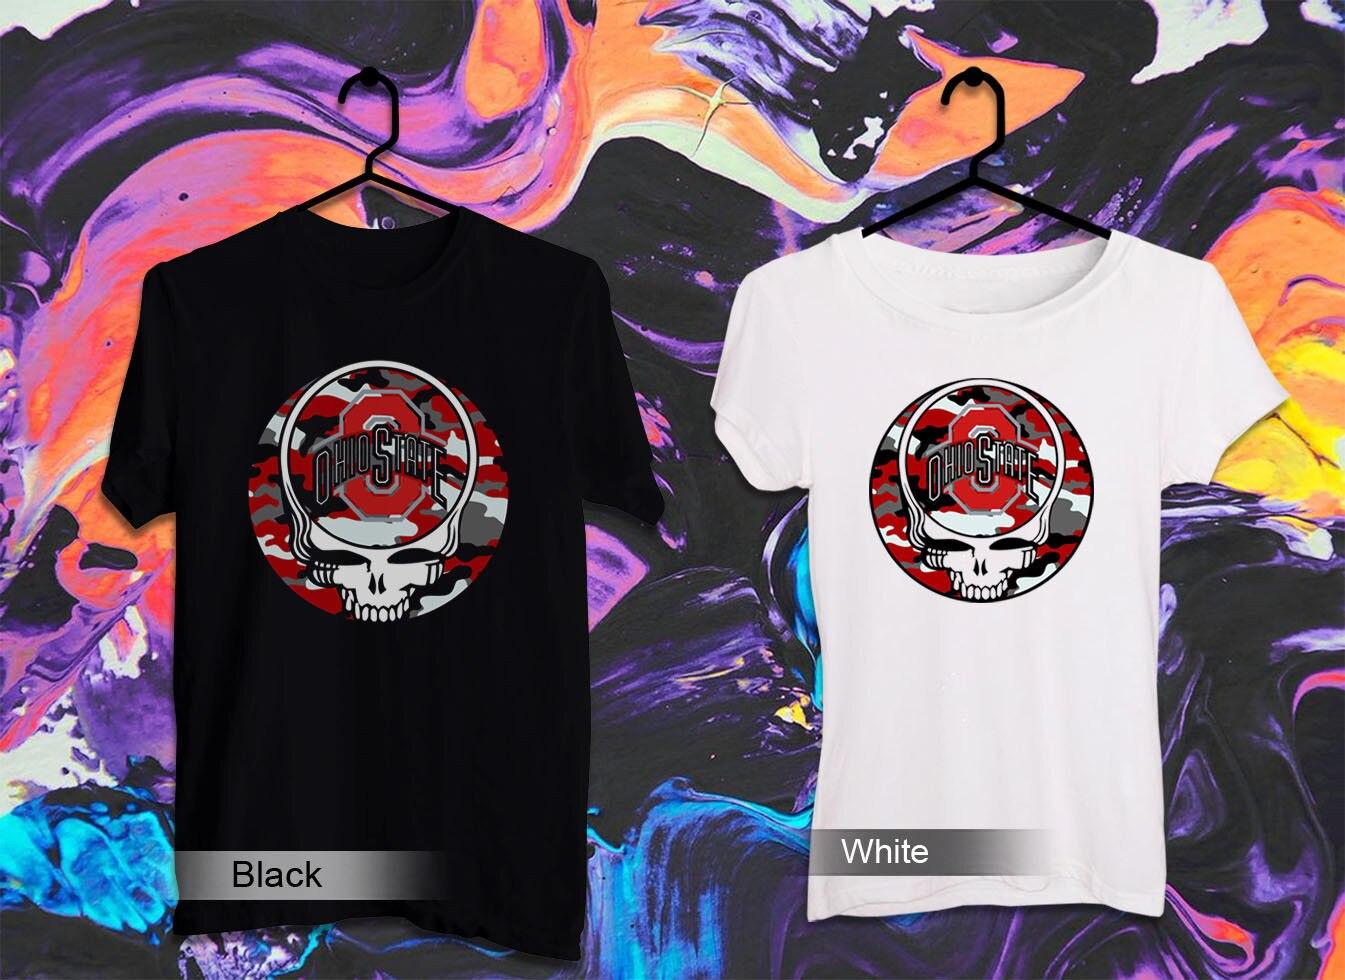 Camiseta divertida del cráneo del fútbol del Estado de Ohio camiseta divertida del color negro y blanco fresco 3 Cool Casual del orgullo camiseta Unisex de los hombres nueva moda